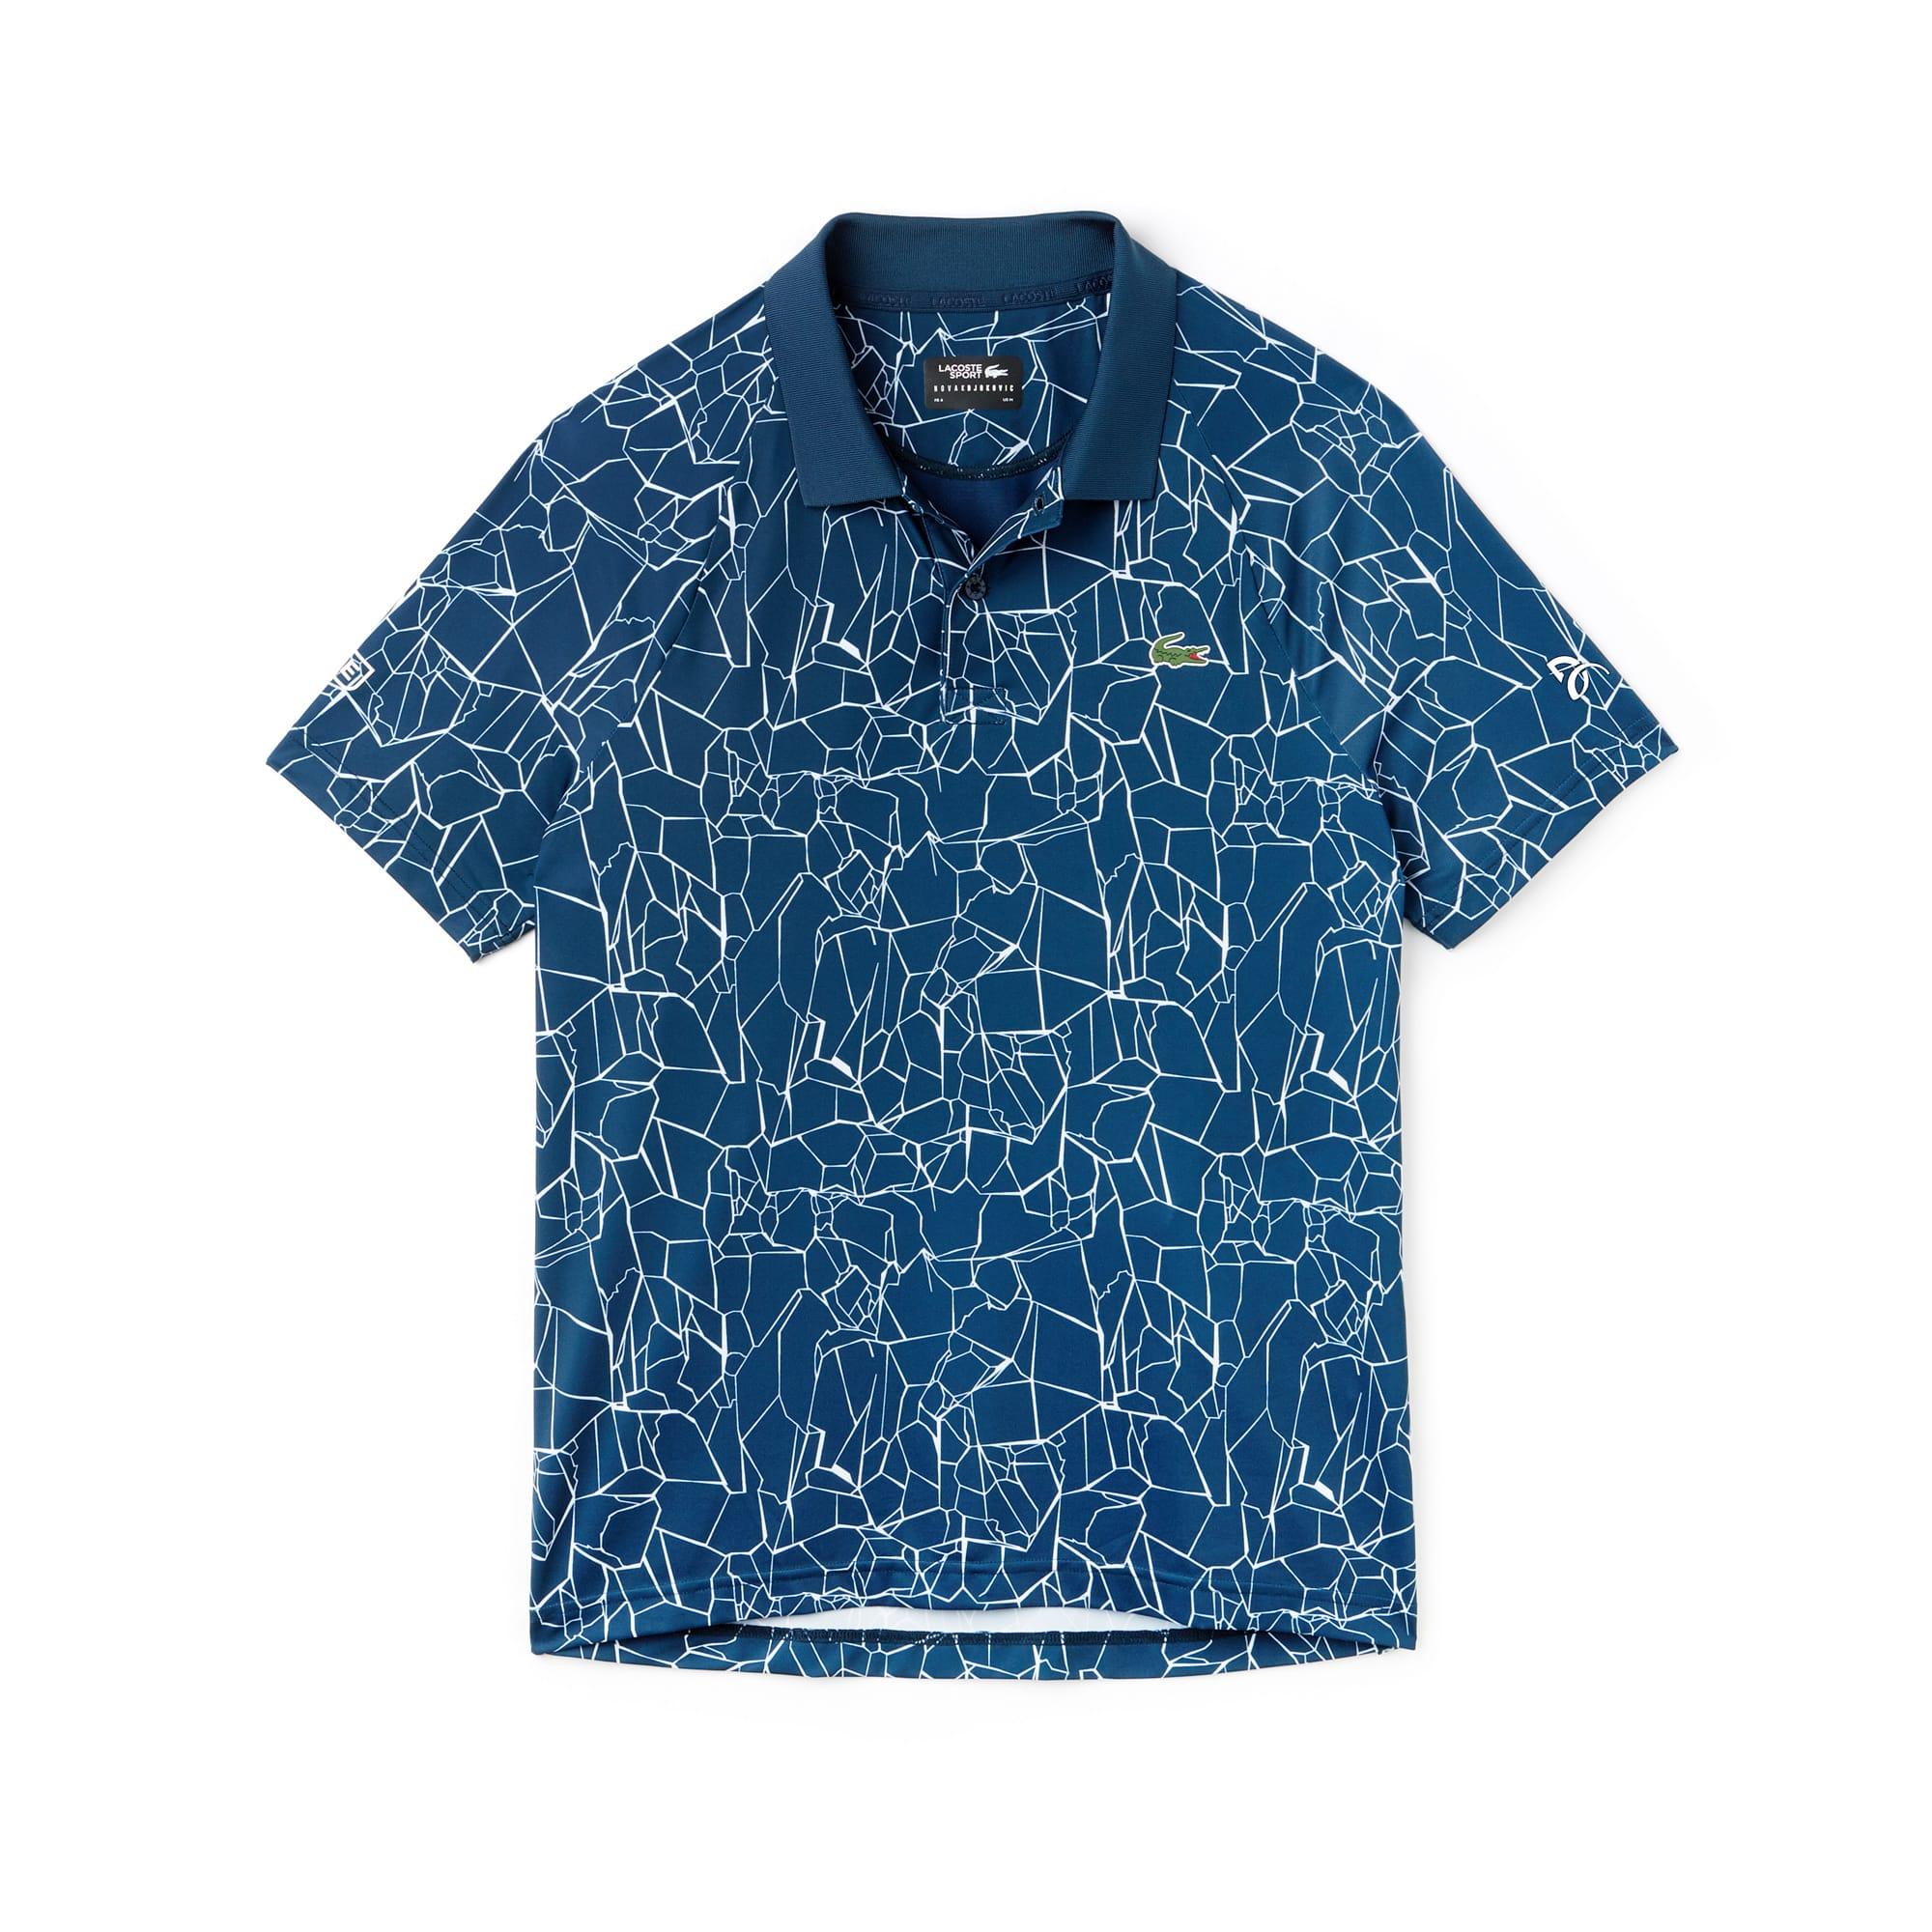 라코스테 스포츠 반팔 카라티 Lacoste Mens SPORT Print Technical Jersey Polo - x Novak Djokovic On Court Premium Edition,azurite/white